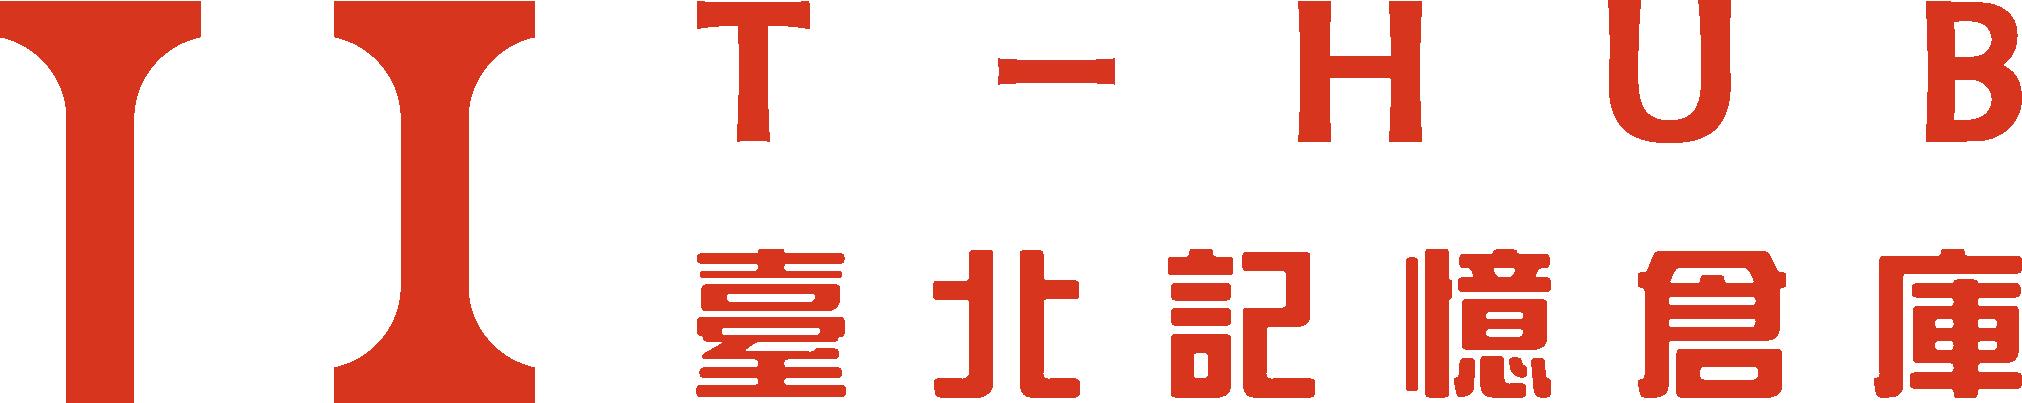 臺北記憶倉庫